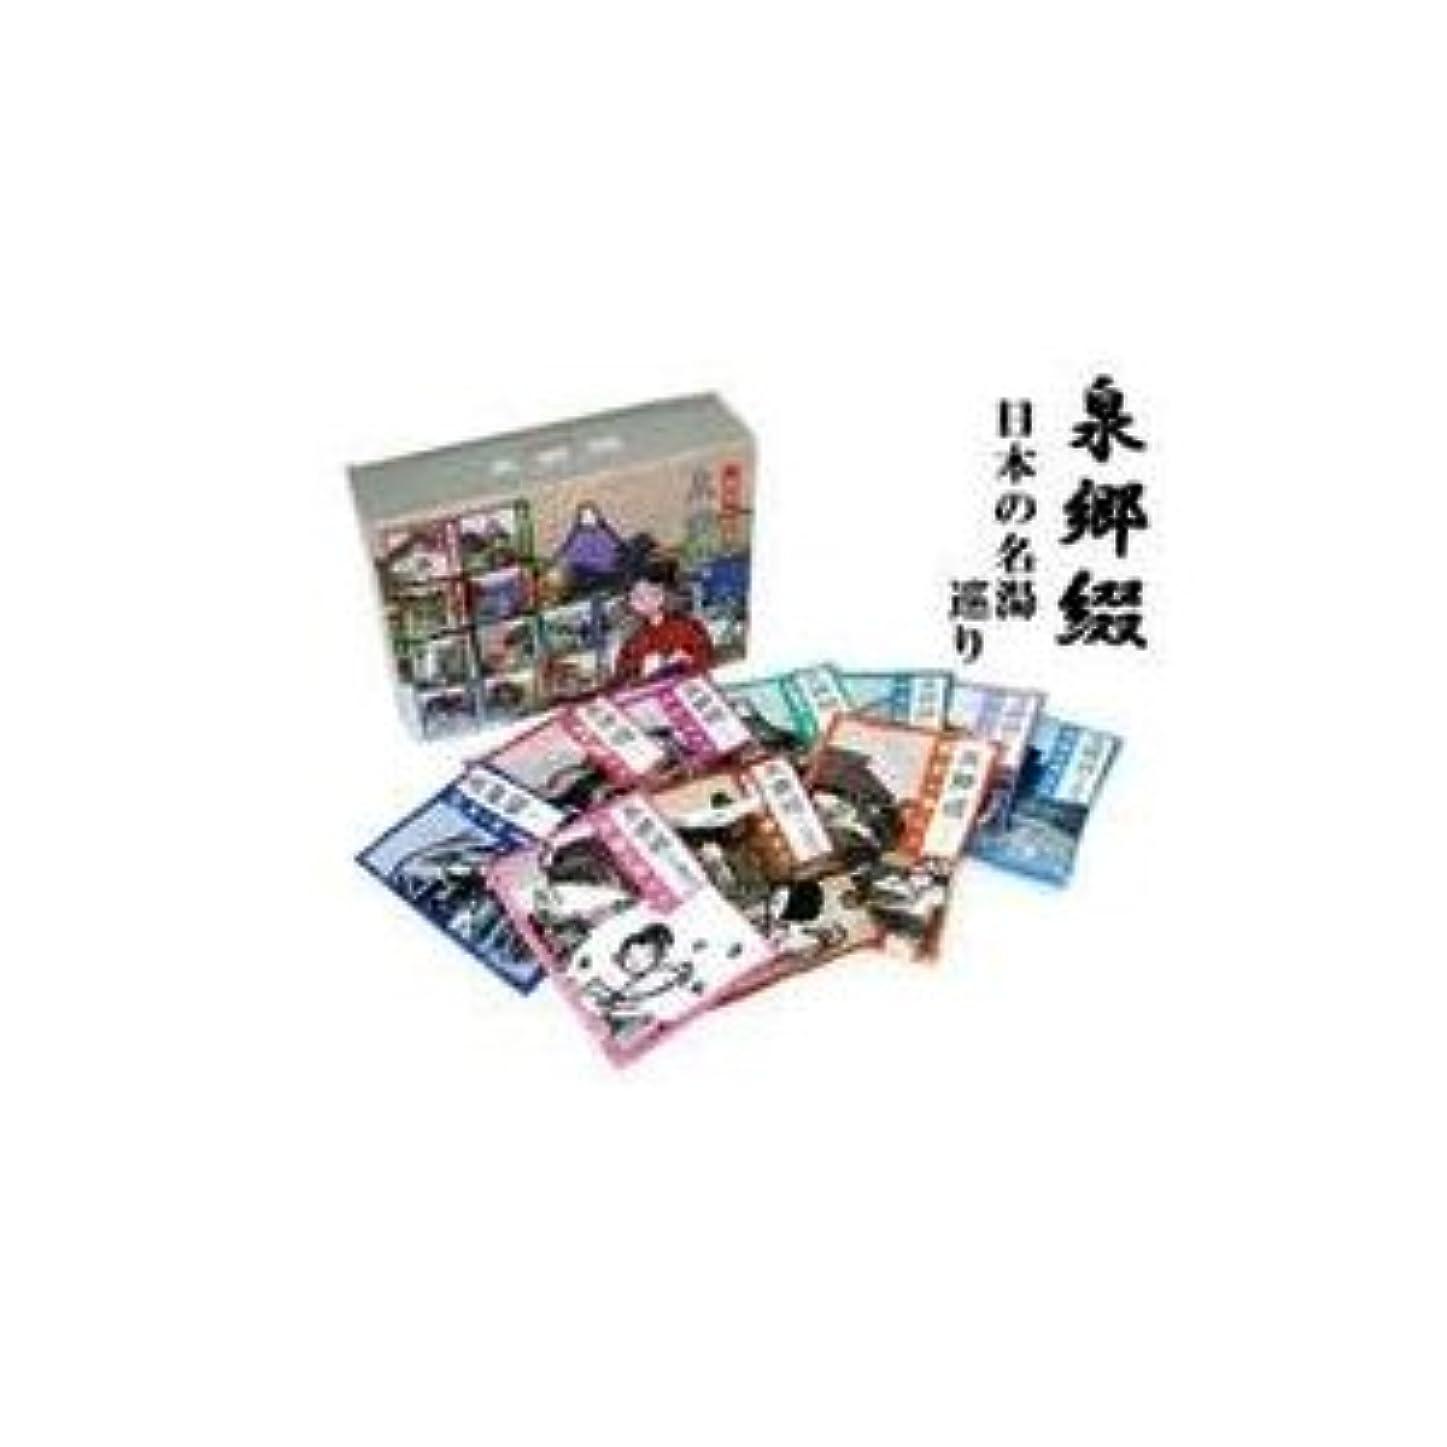 気づかない任意サイクル入浴剤 泉郷綴<日本の名湯巡り>(10包入り)日本を代表する温泉10ヶ所の入浴剤(3セット)